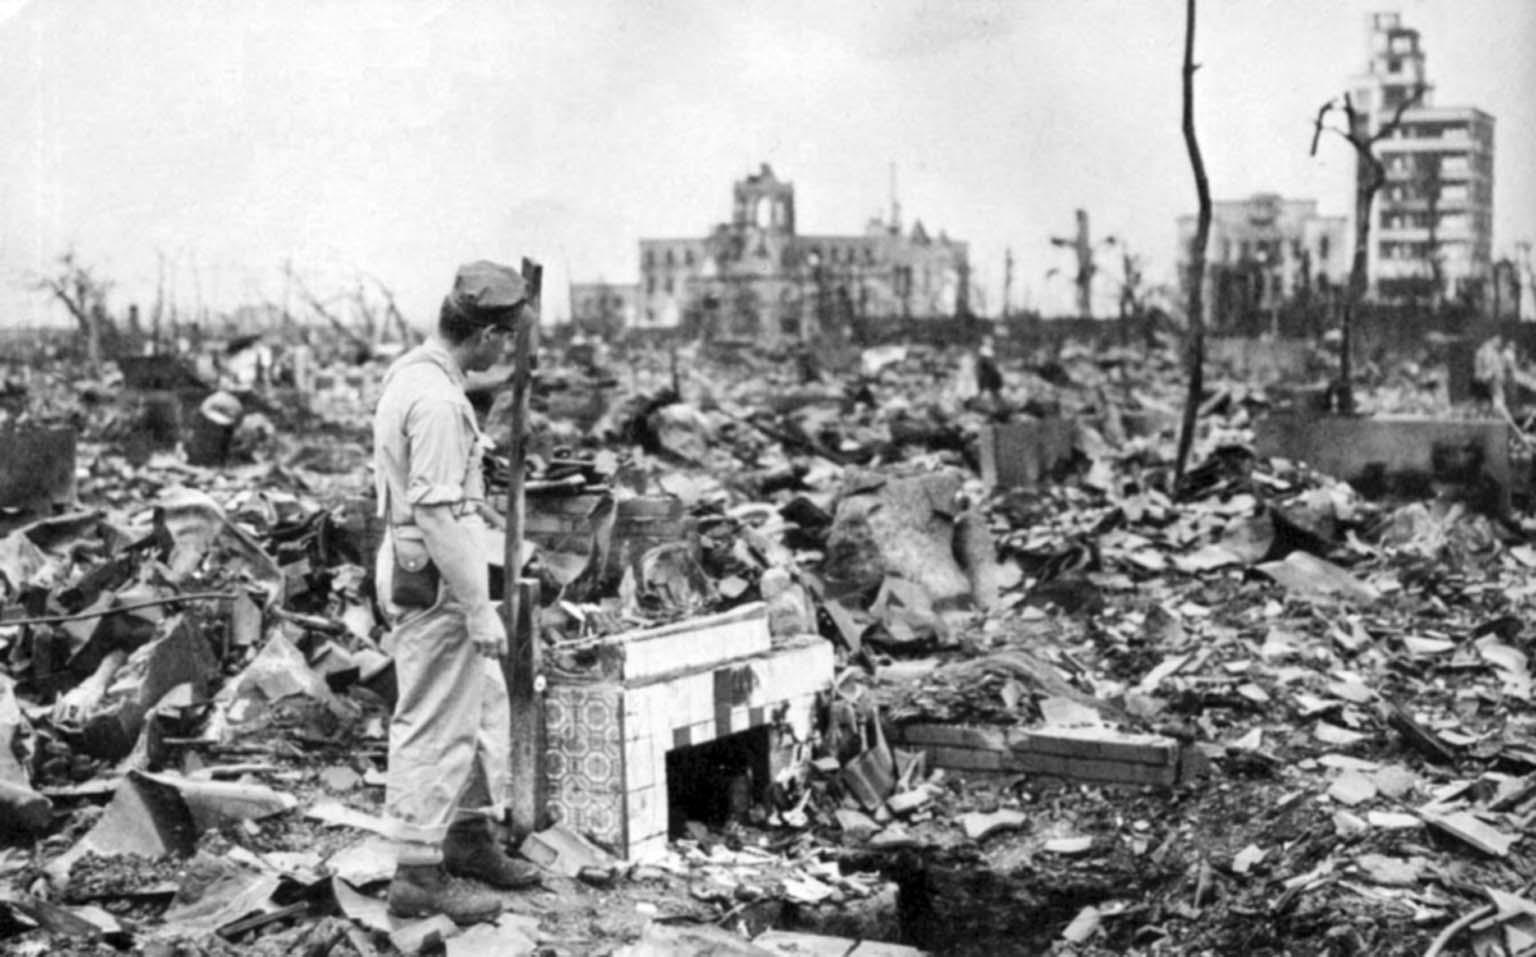 American atomic bombing